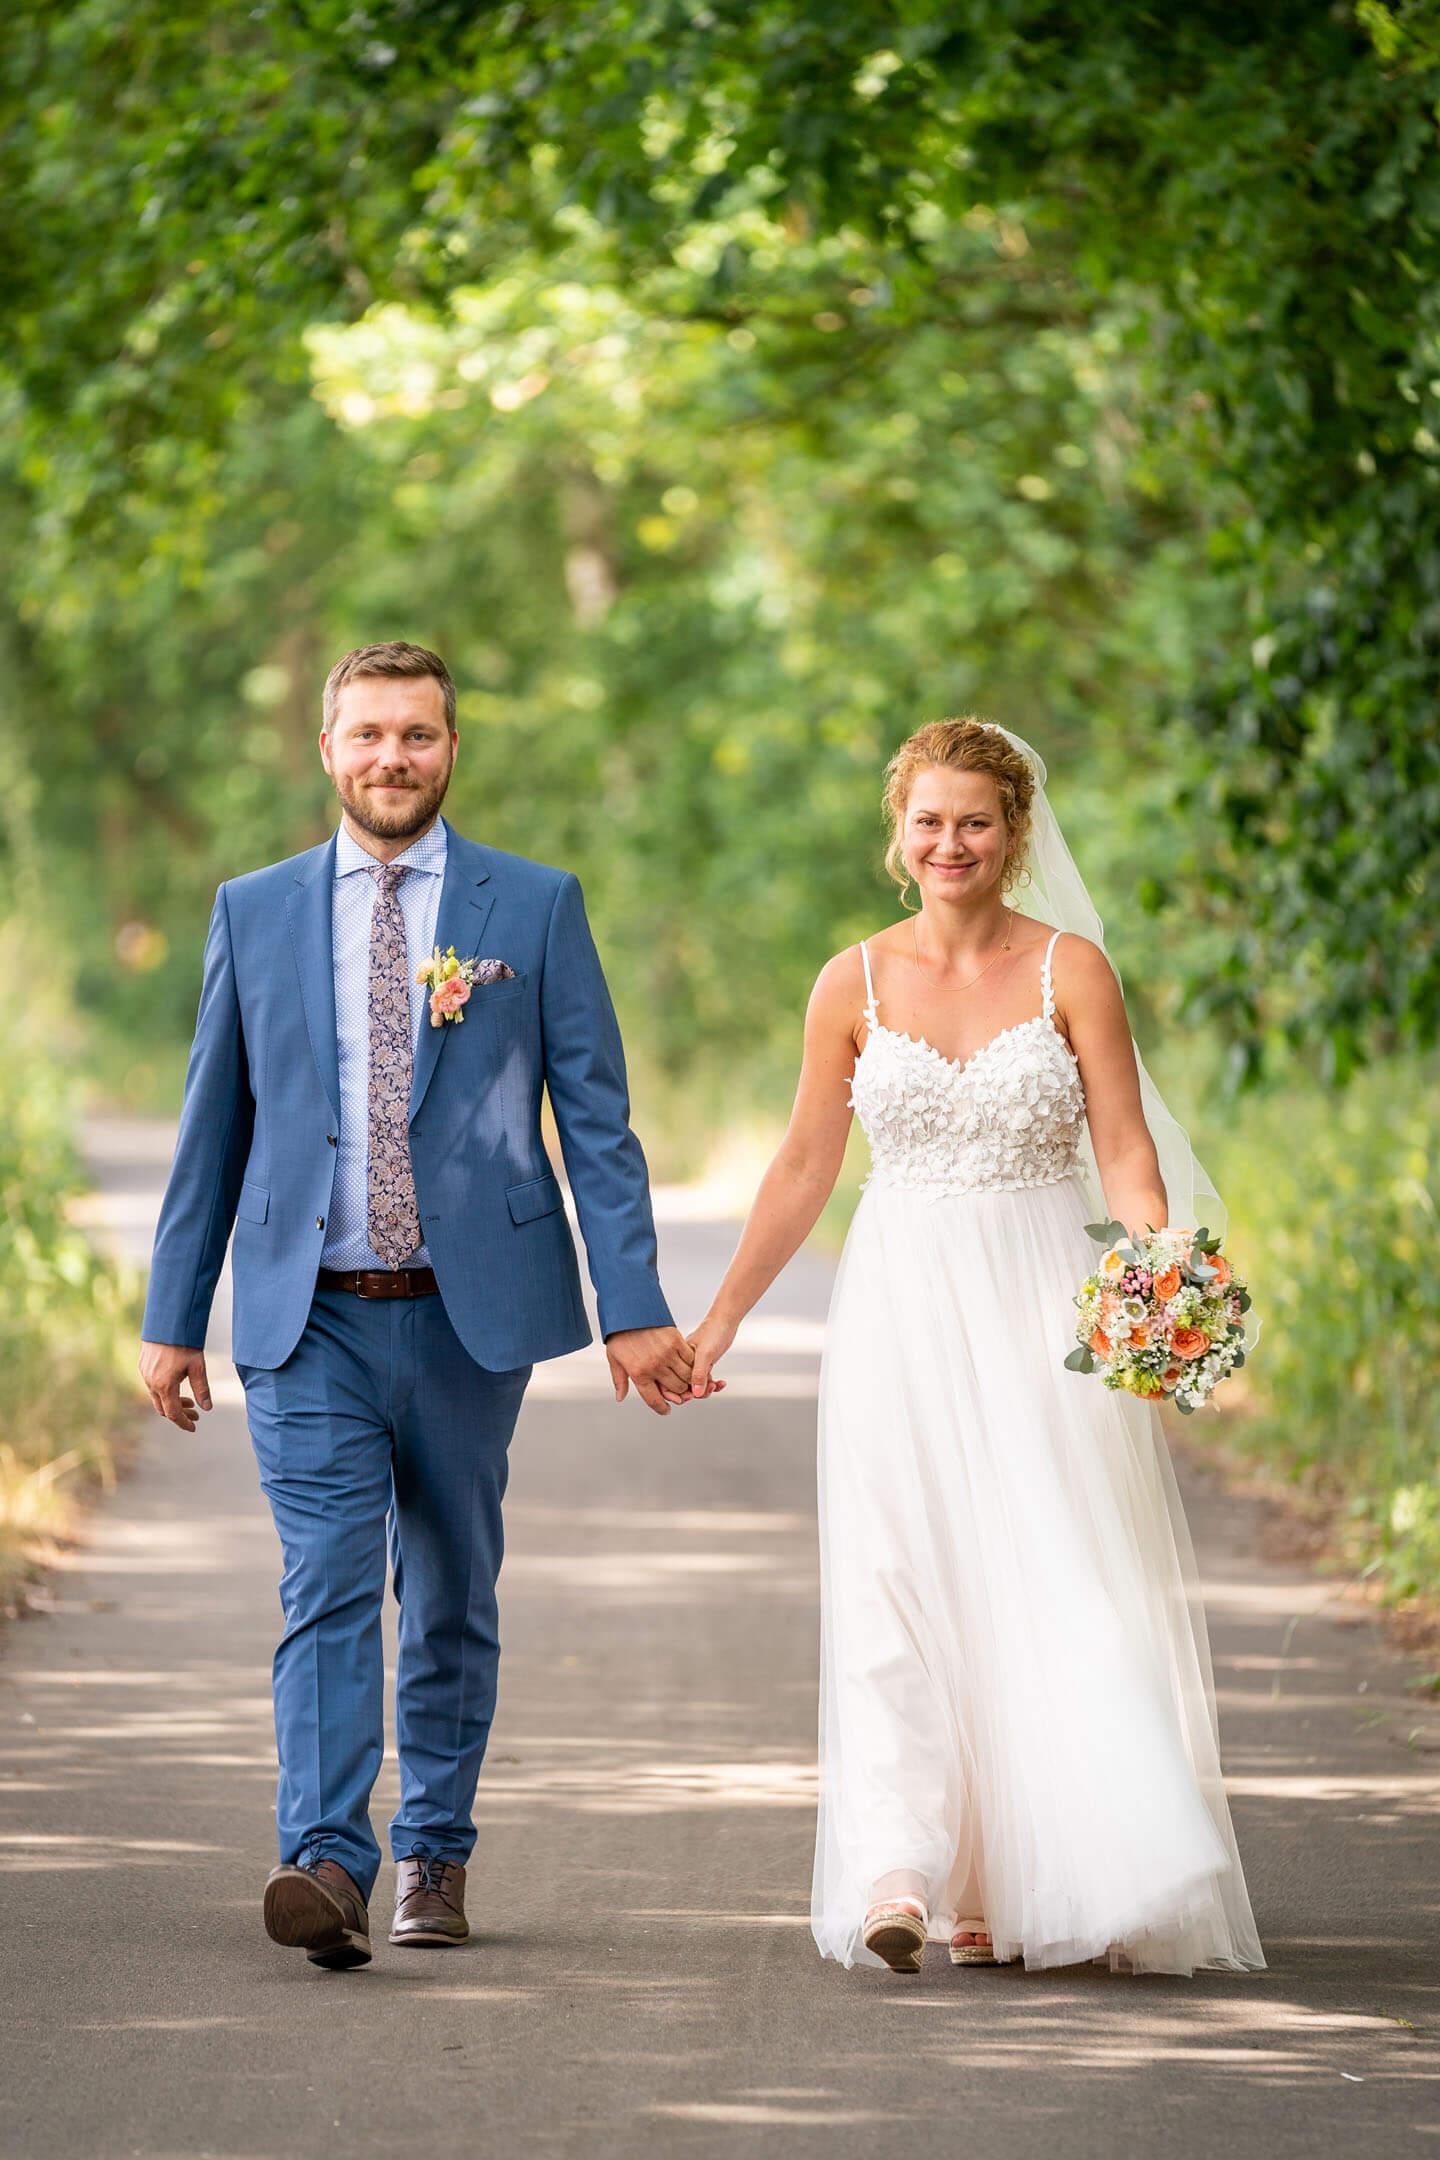 Hochzeitspaar geht Hand in Hand eine Allee entlang